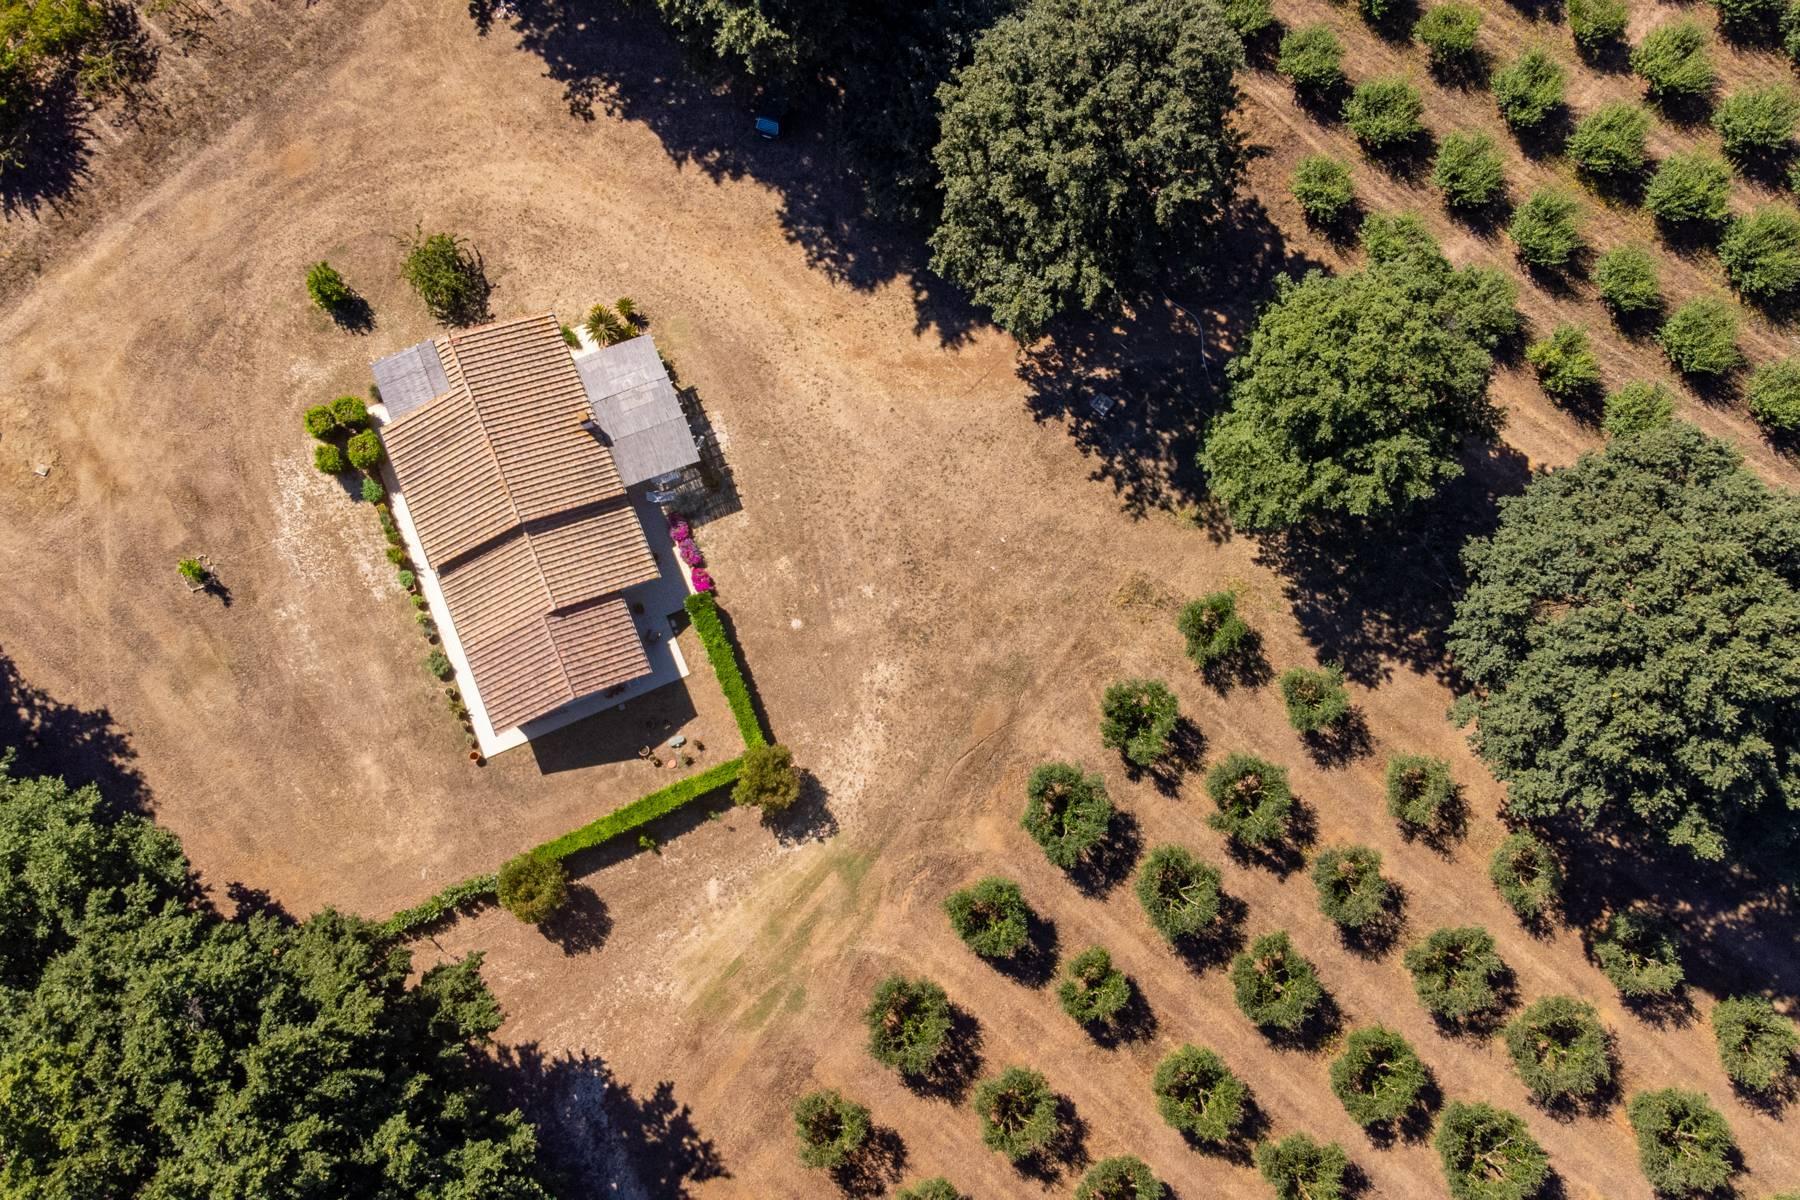 Wunderschönes Anwesen im Grünen, nur einen Steinwurf von Manciano entfernt - 26